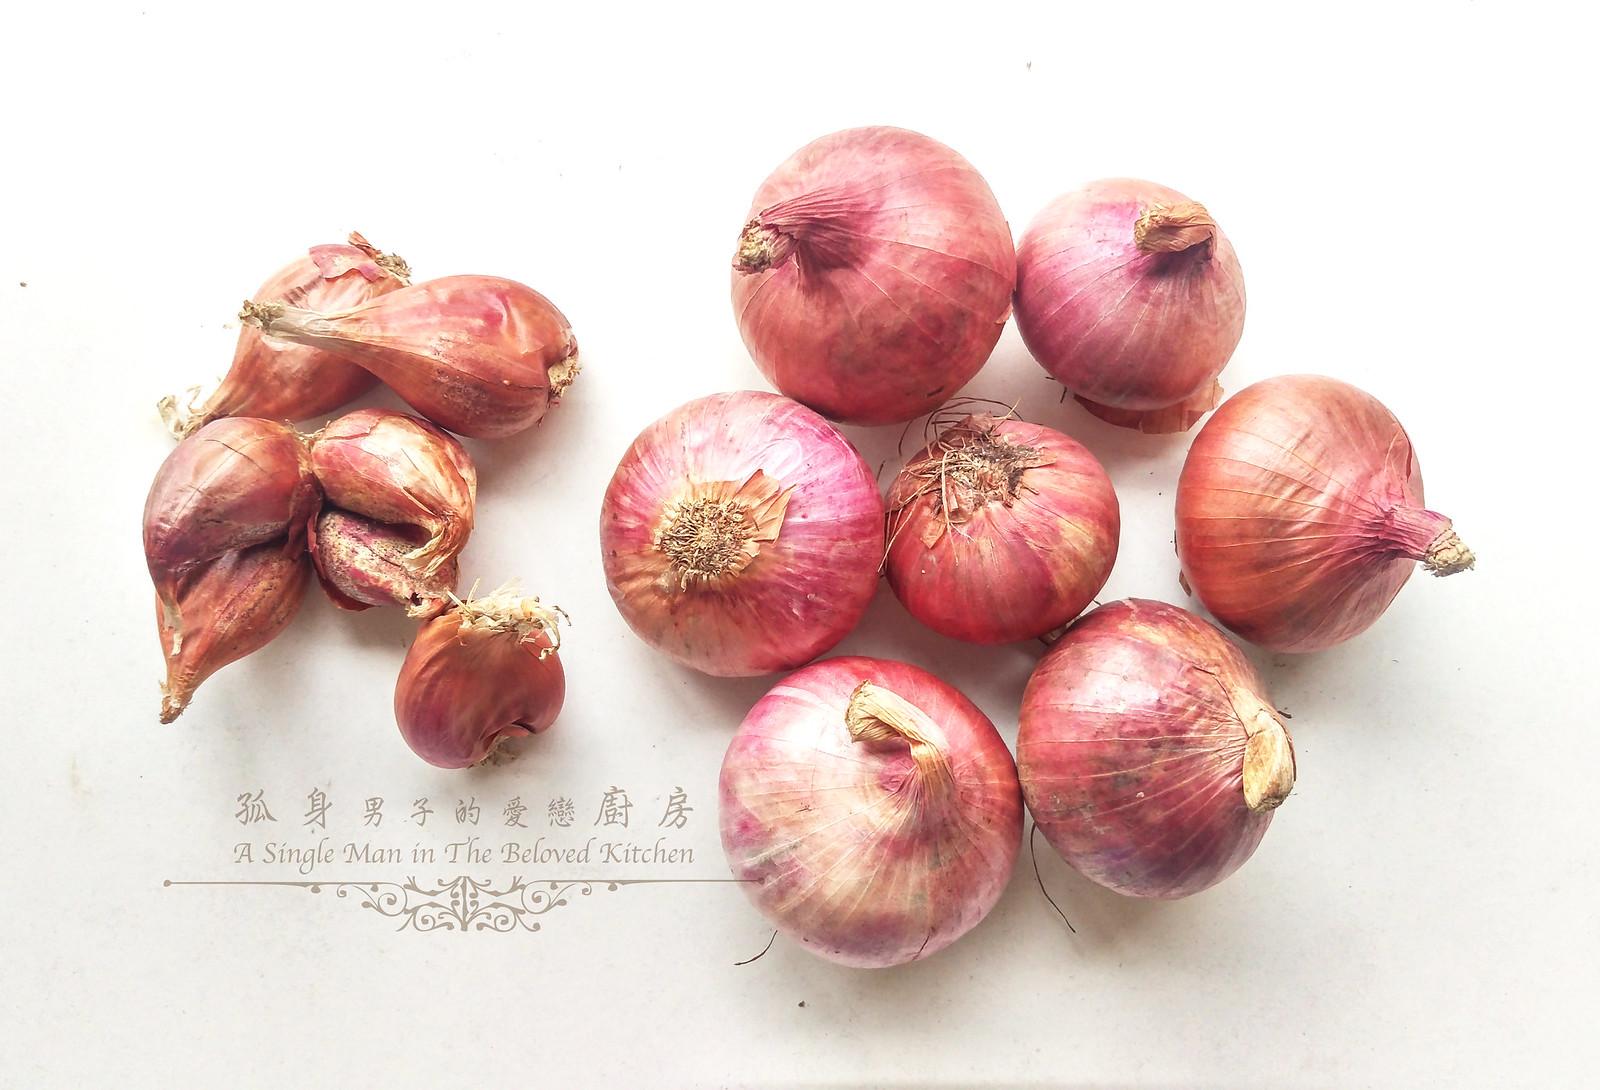 孤身廚房-毛蔥頭——加外掛版的洋蔥+紅蔥頭!超好用!2